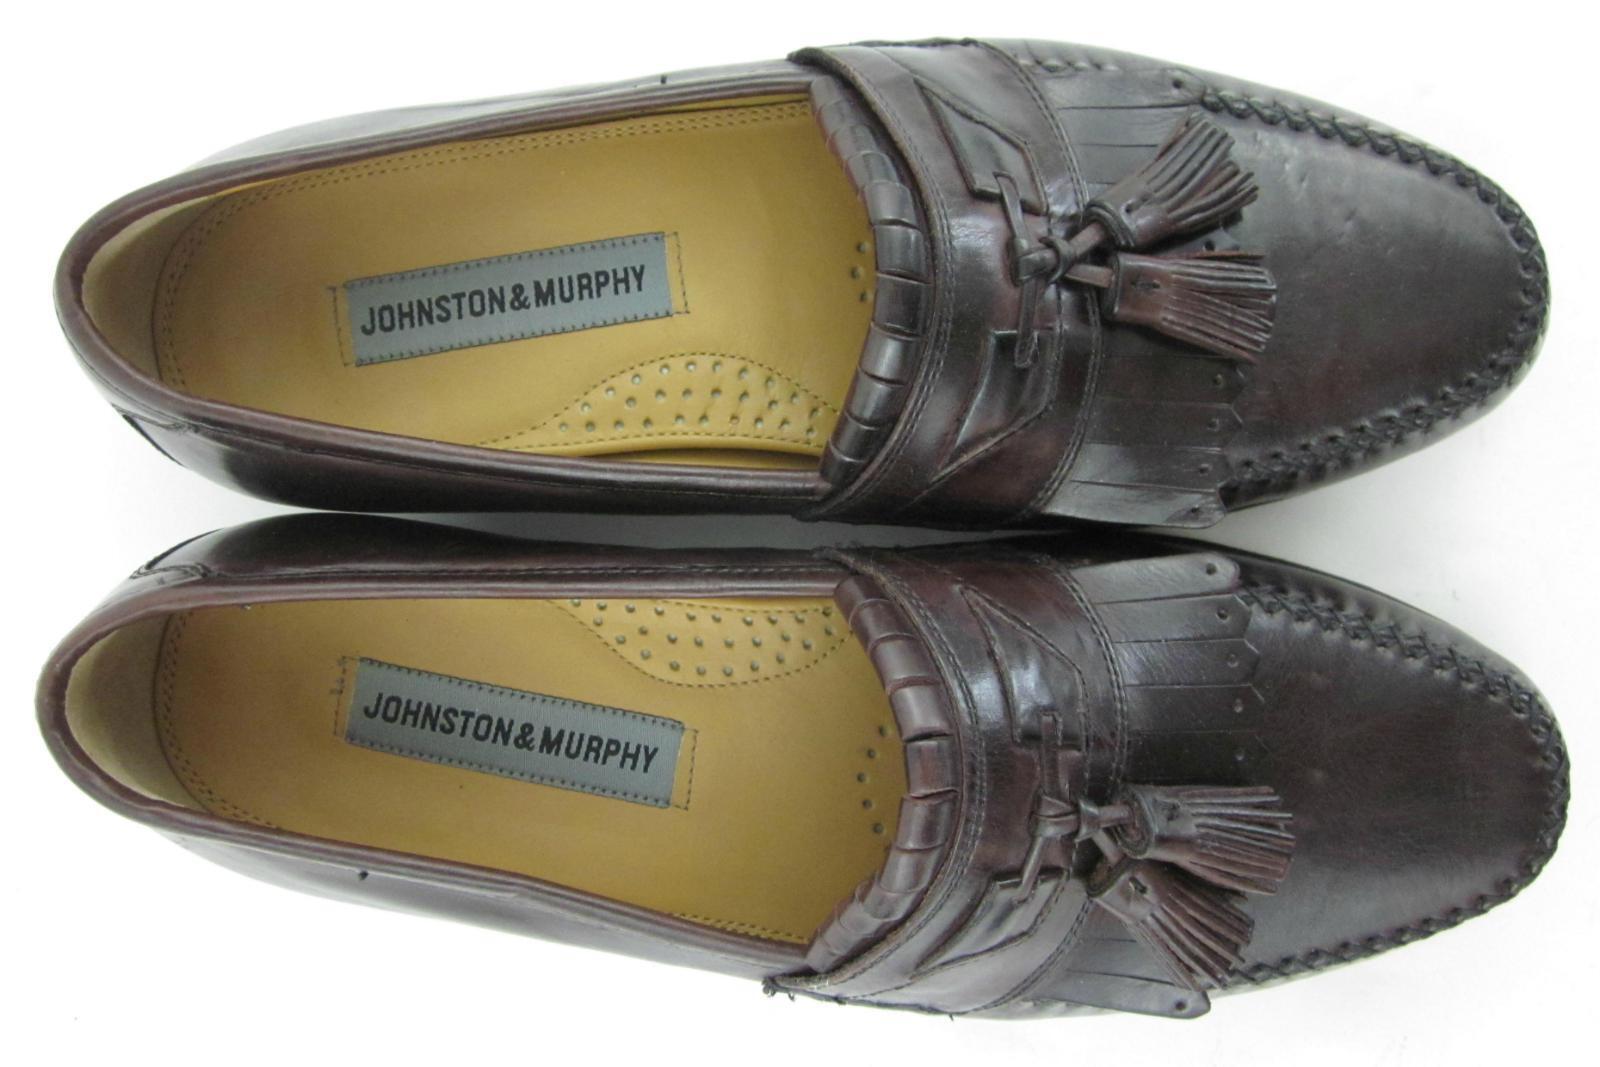 Johnston & Murphy 'Breland' Dark Kiltie Tassel Loafers Dark 'Breland' Burgundy 8.5W WIDE 658bab